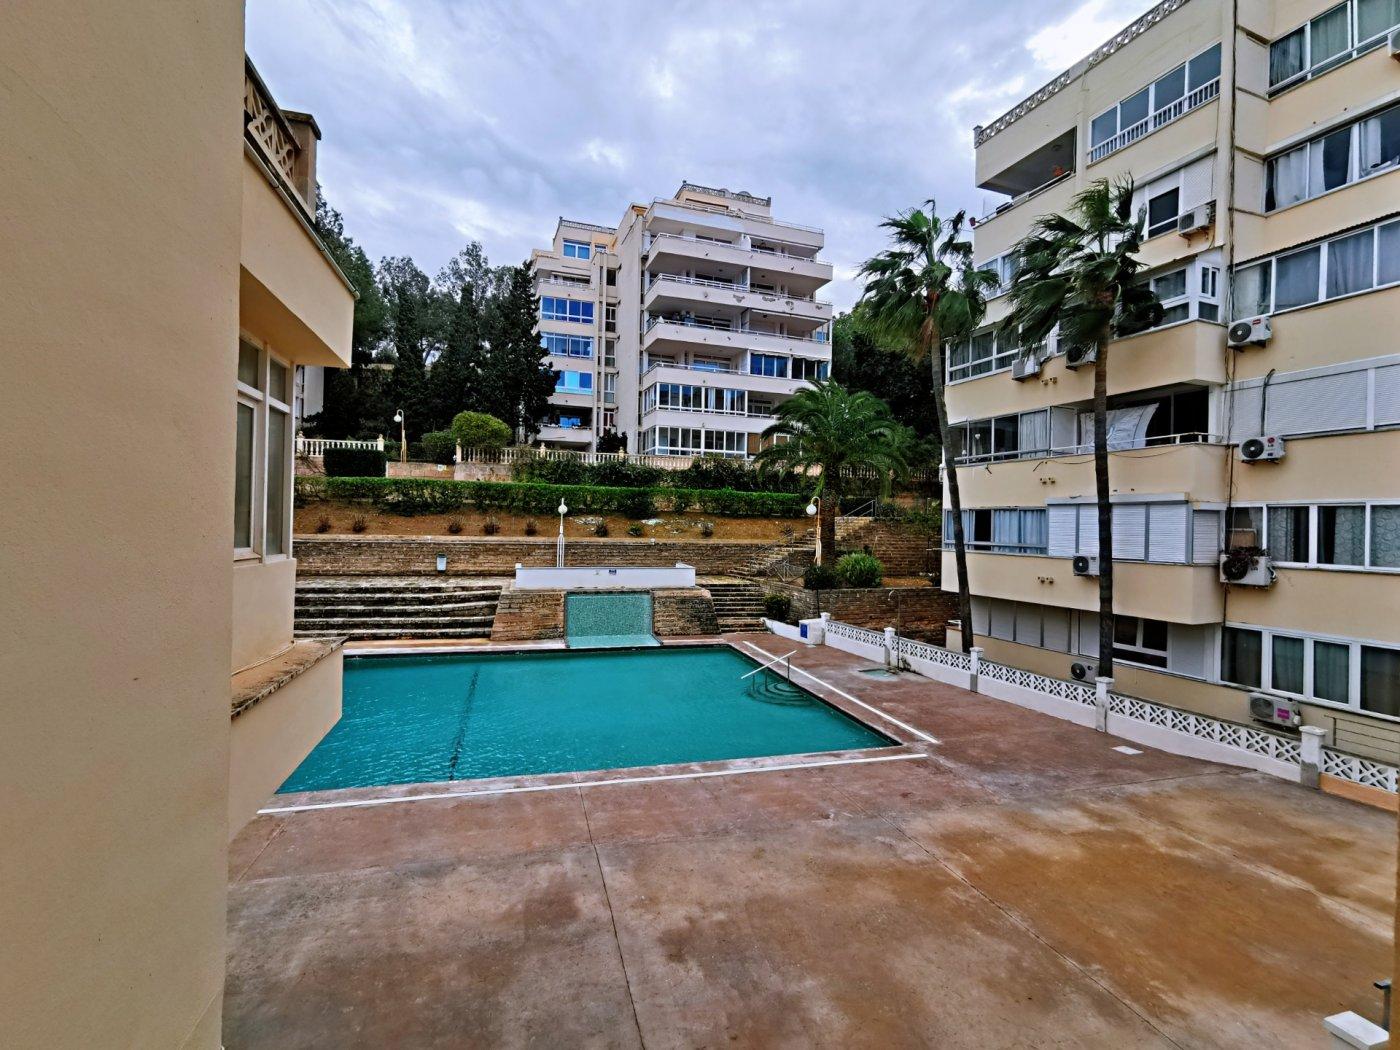 Se vende piso de dos dormitorios con piscina y parking comunitaria - imagenInmueble14